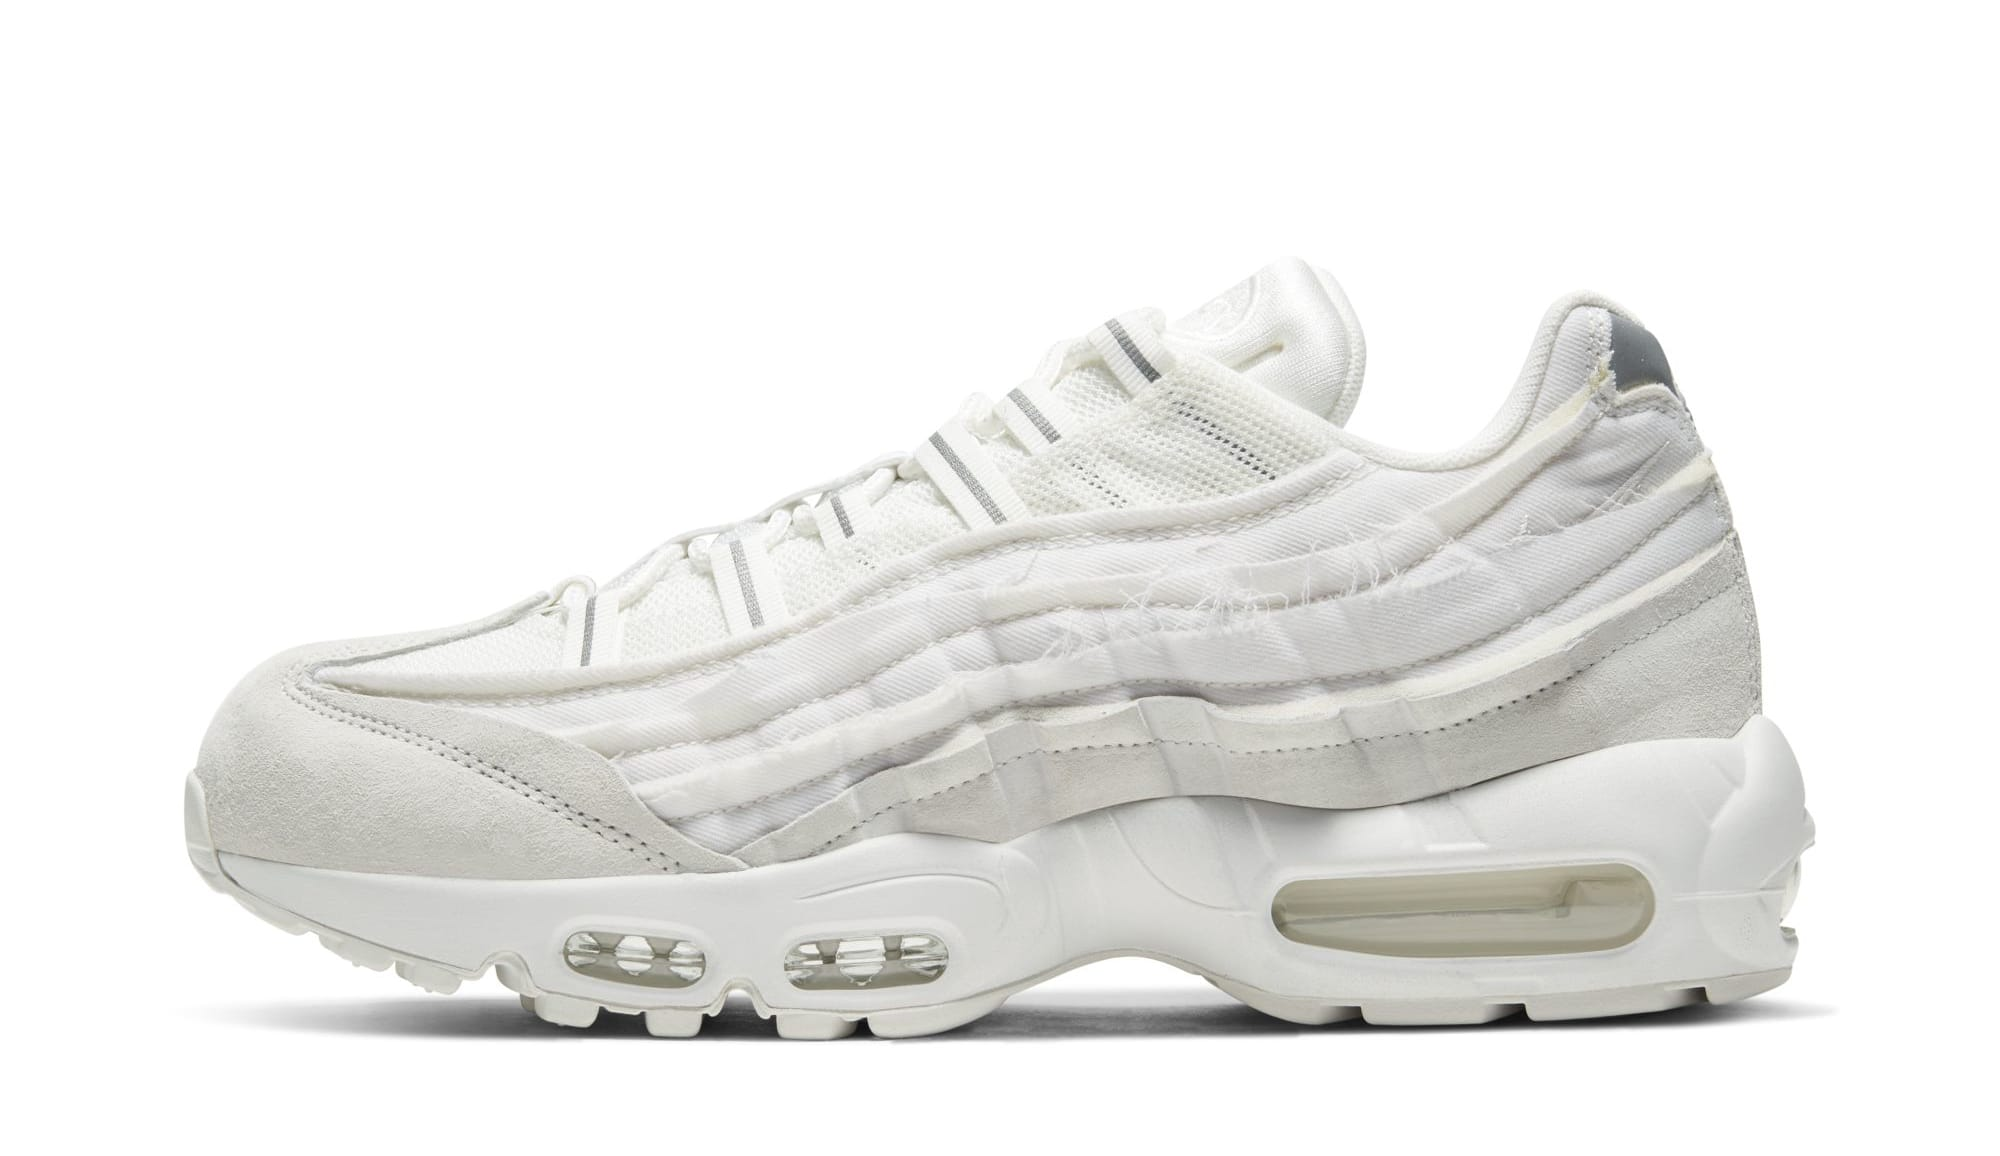 Comme des Garçons x Nike Air Max 95 'White' (Lateral)